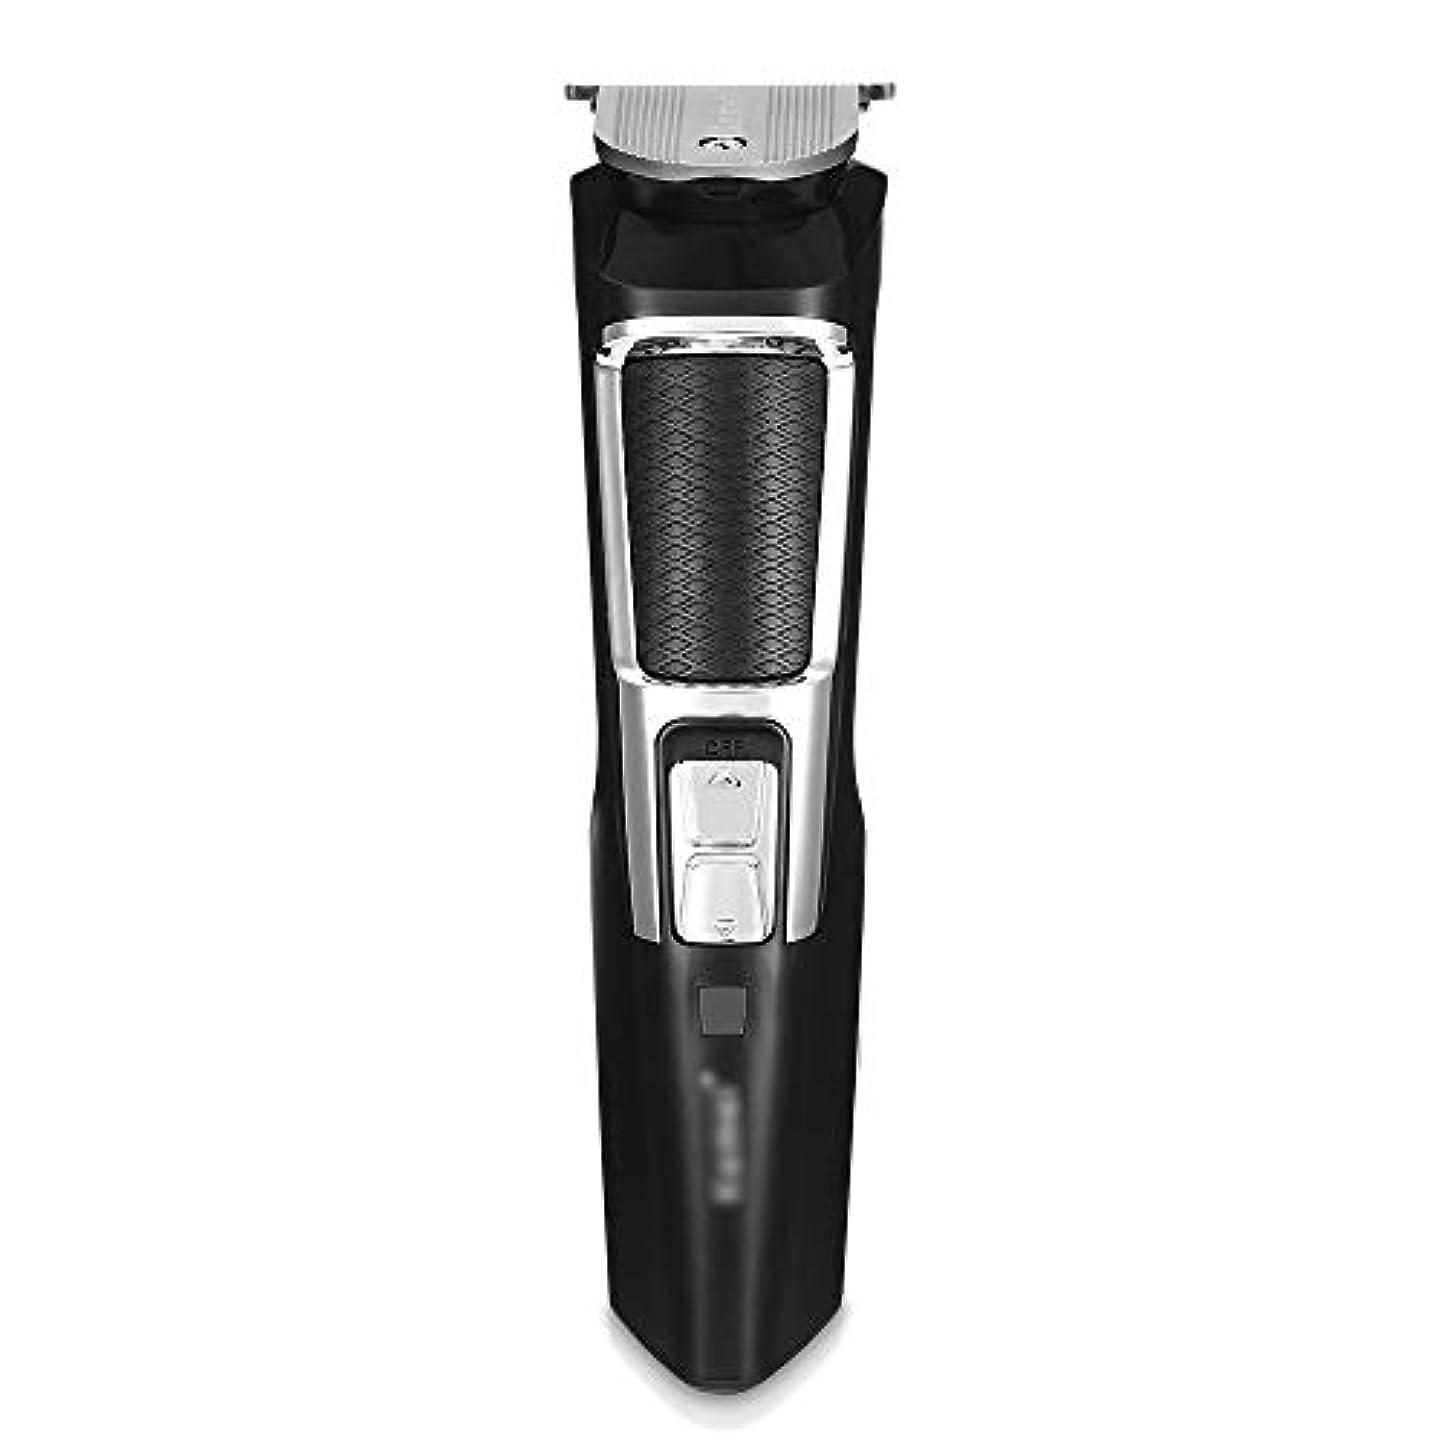 ライター既にフォージWAKABAFK ダブルカッターかみそりハイパワーモーター電動バリカンヘアトリマー防水バリカン用男性ベビーヘアカッティングマシンバベルツール